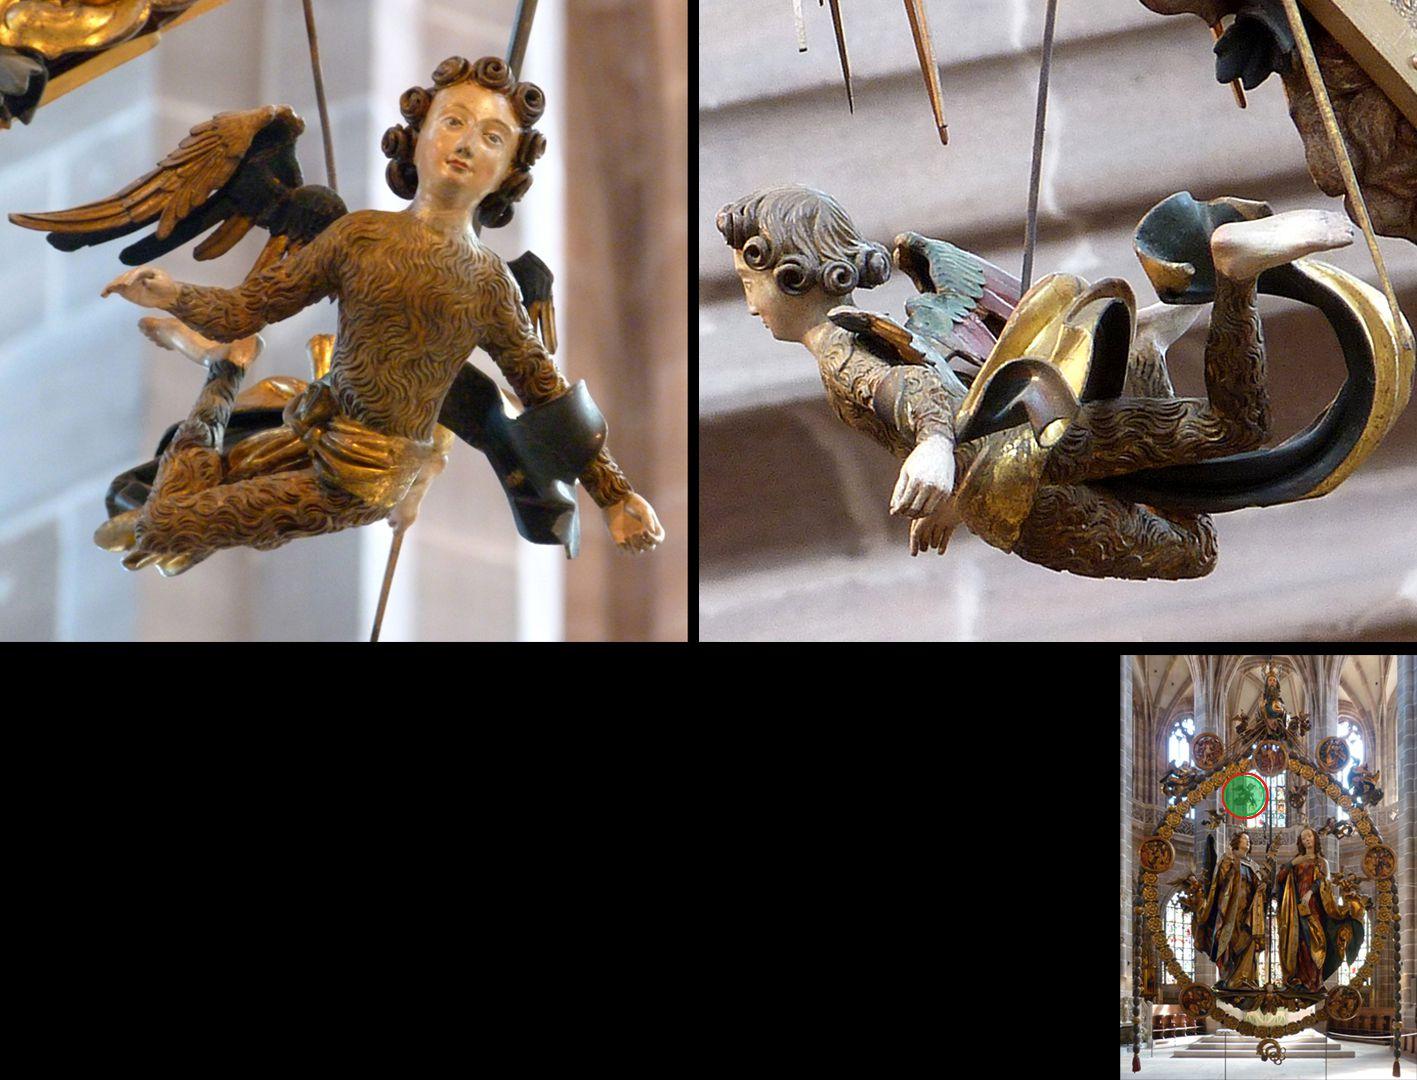 Englischer Gruß Engelchen im Fellkleid von vorne und hinten (unten rechts Detaillokalisierung)